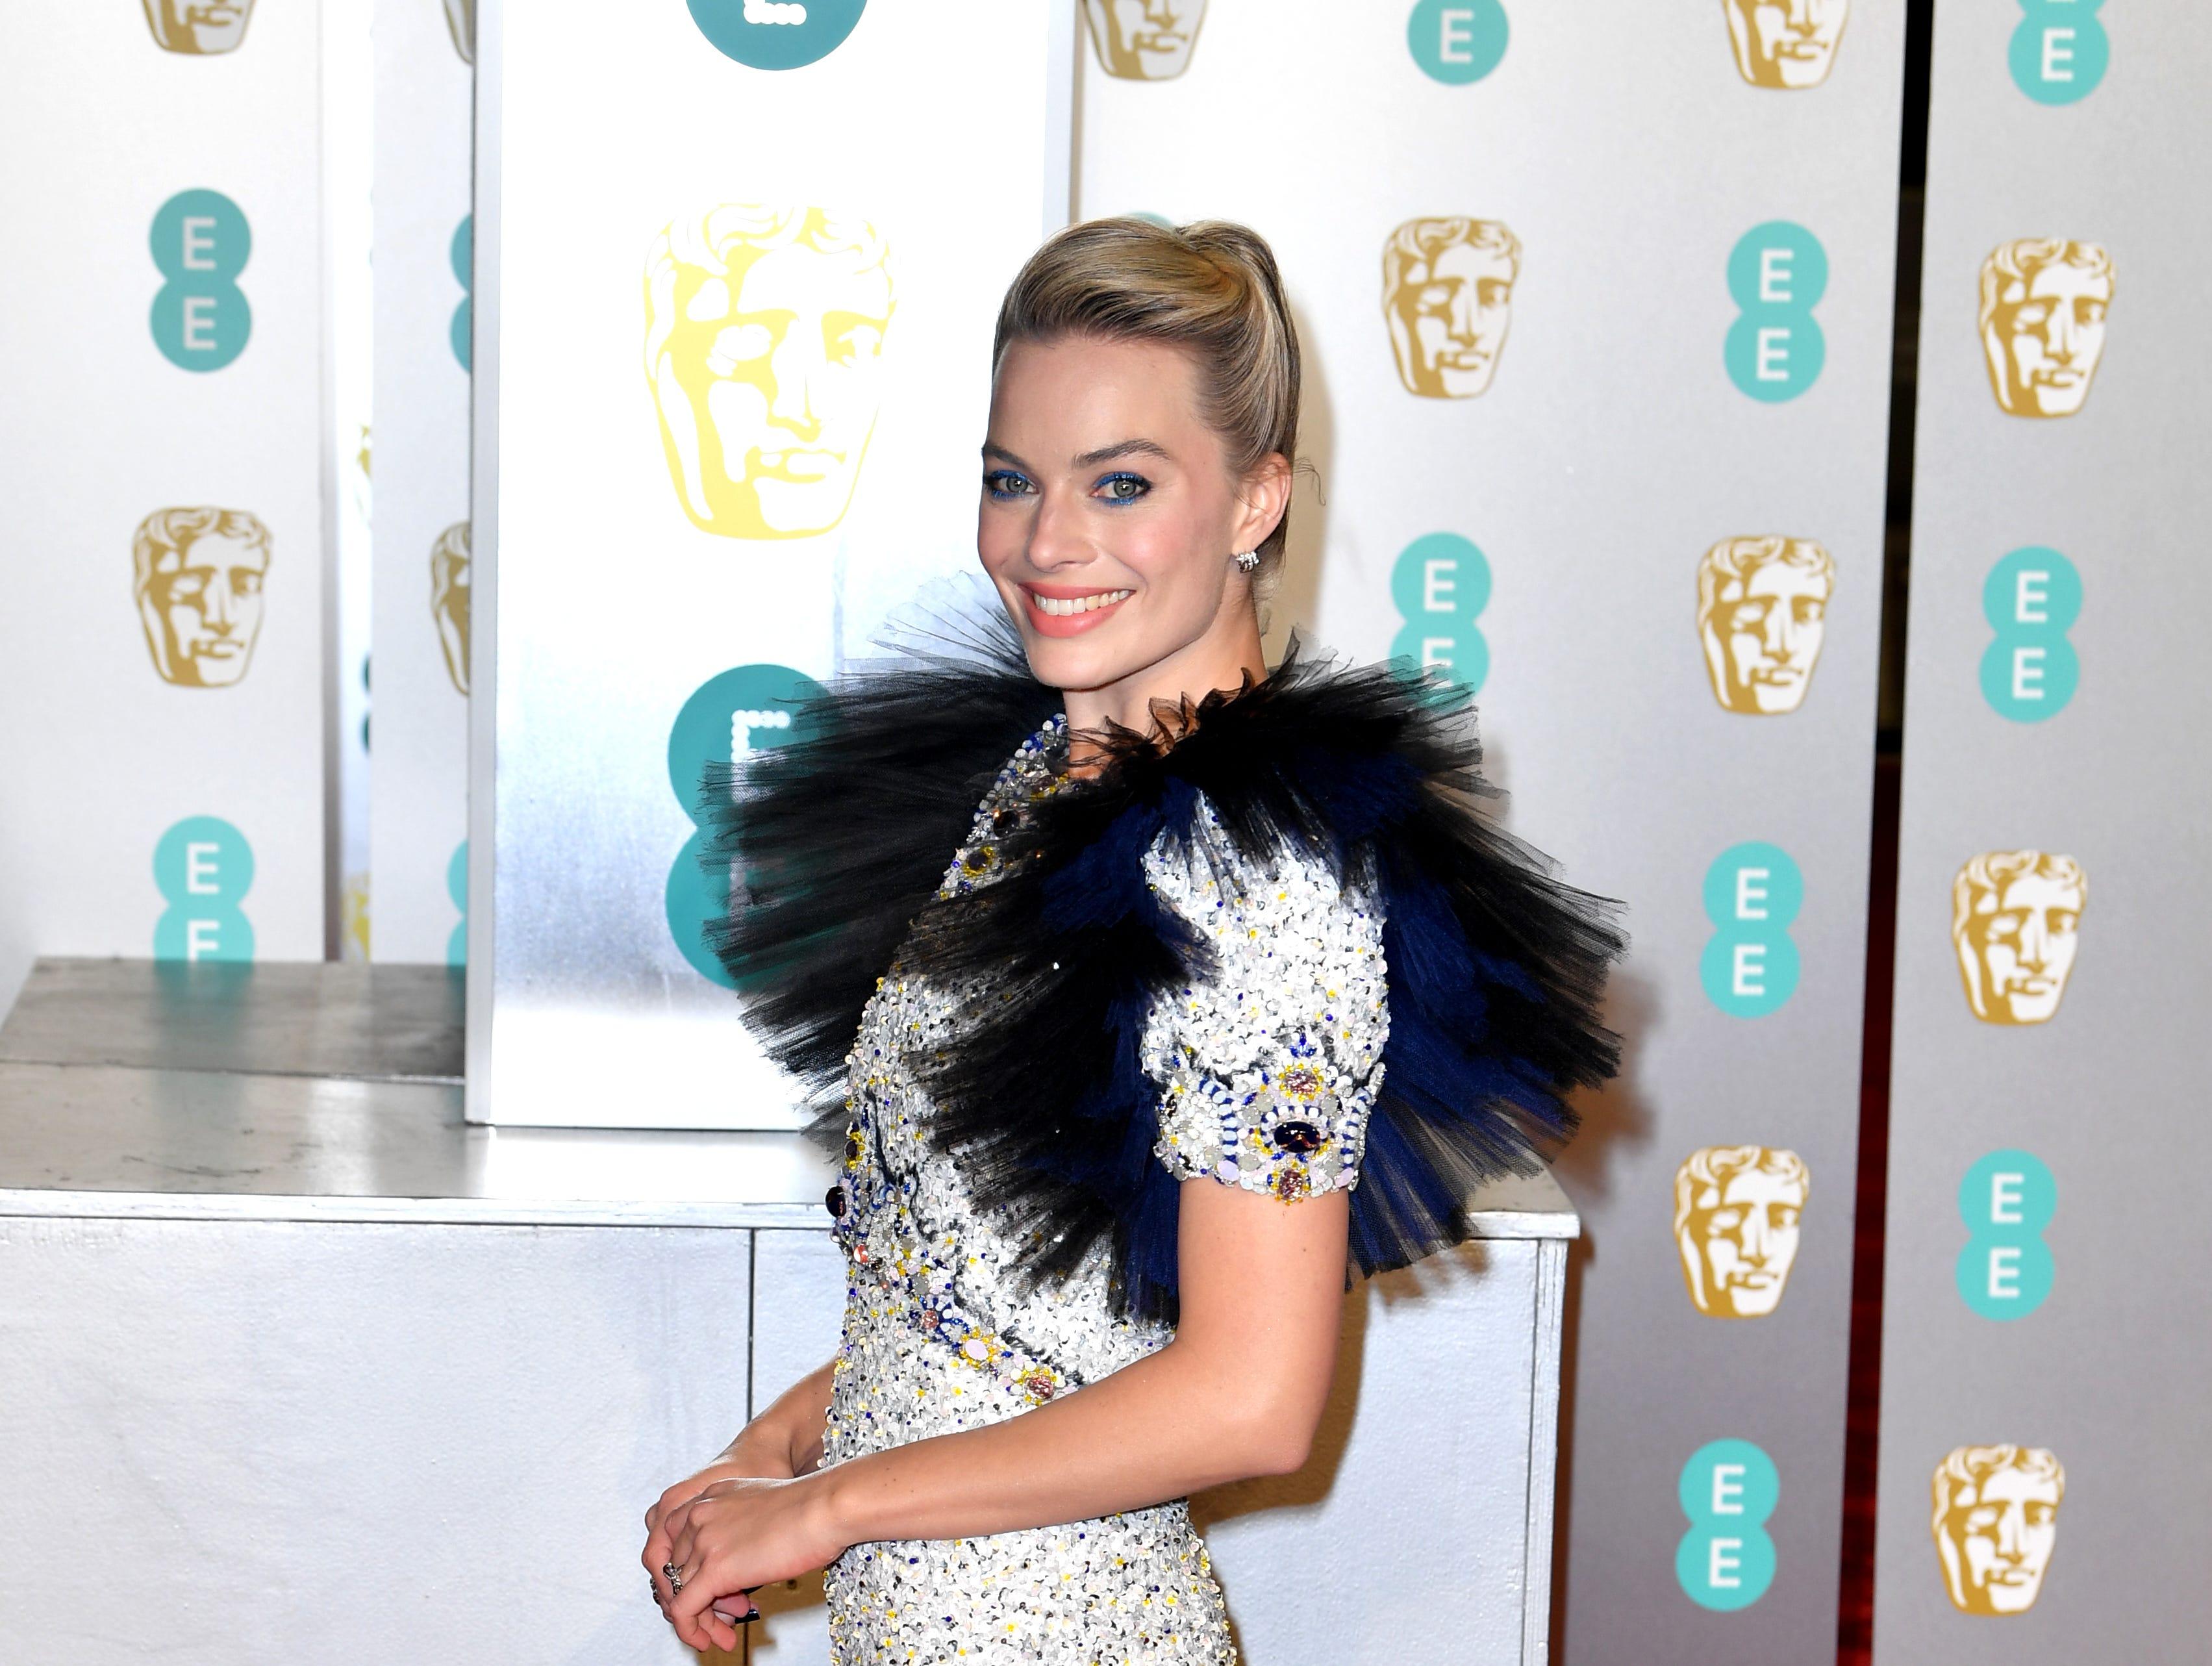 Margot Robbie a su llegada a la alfombra roja de los Premios de la Academia Británica de Cine BAFTA en el Royal Albert Hall en Londres el 10 de febrero de 2019.